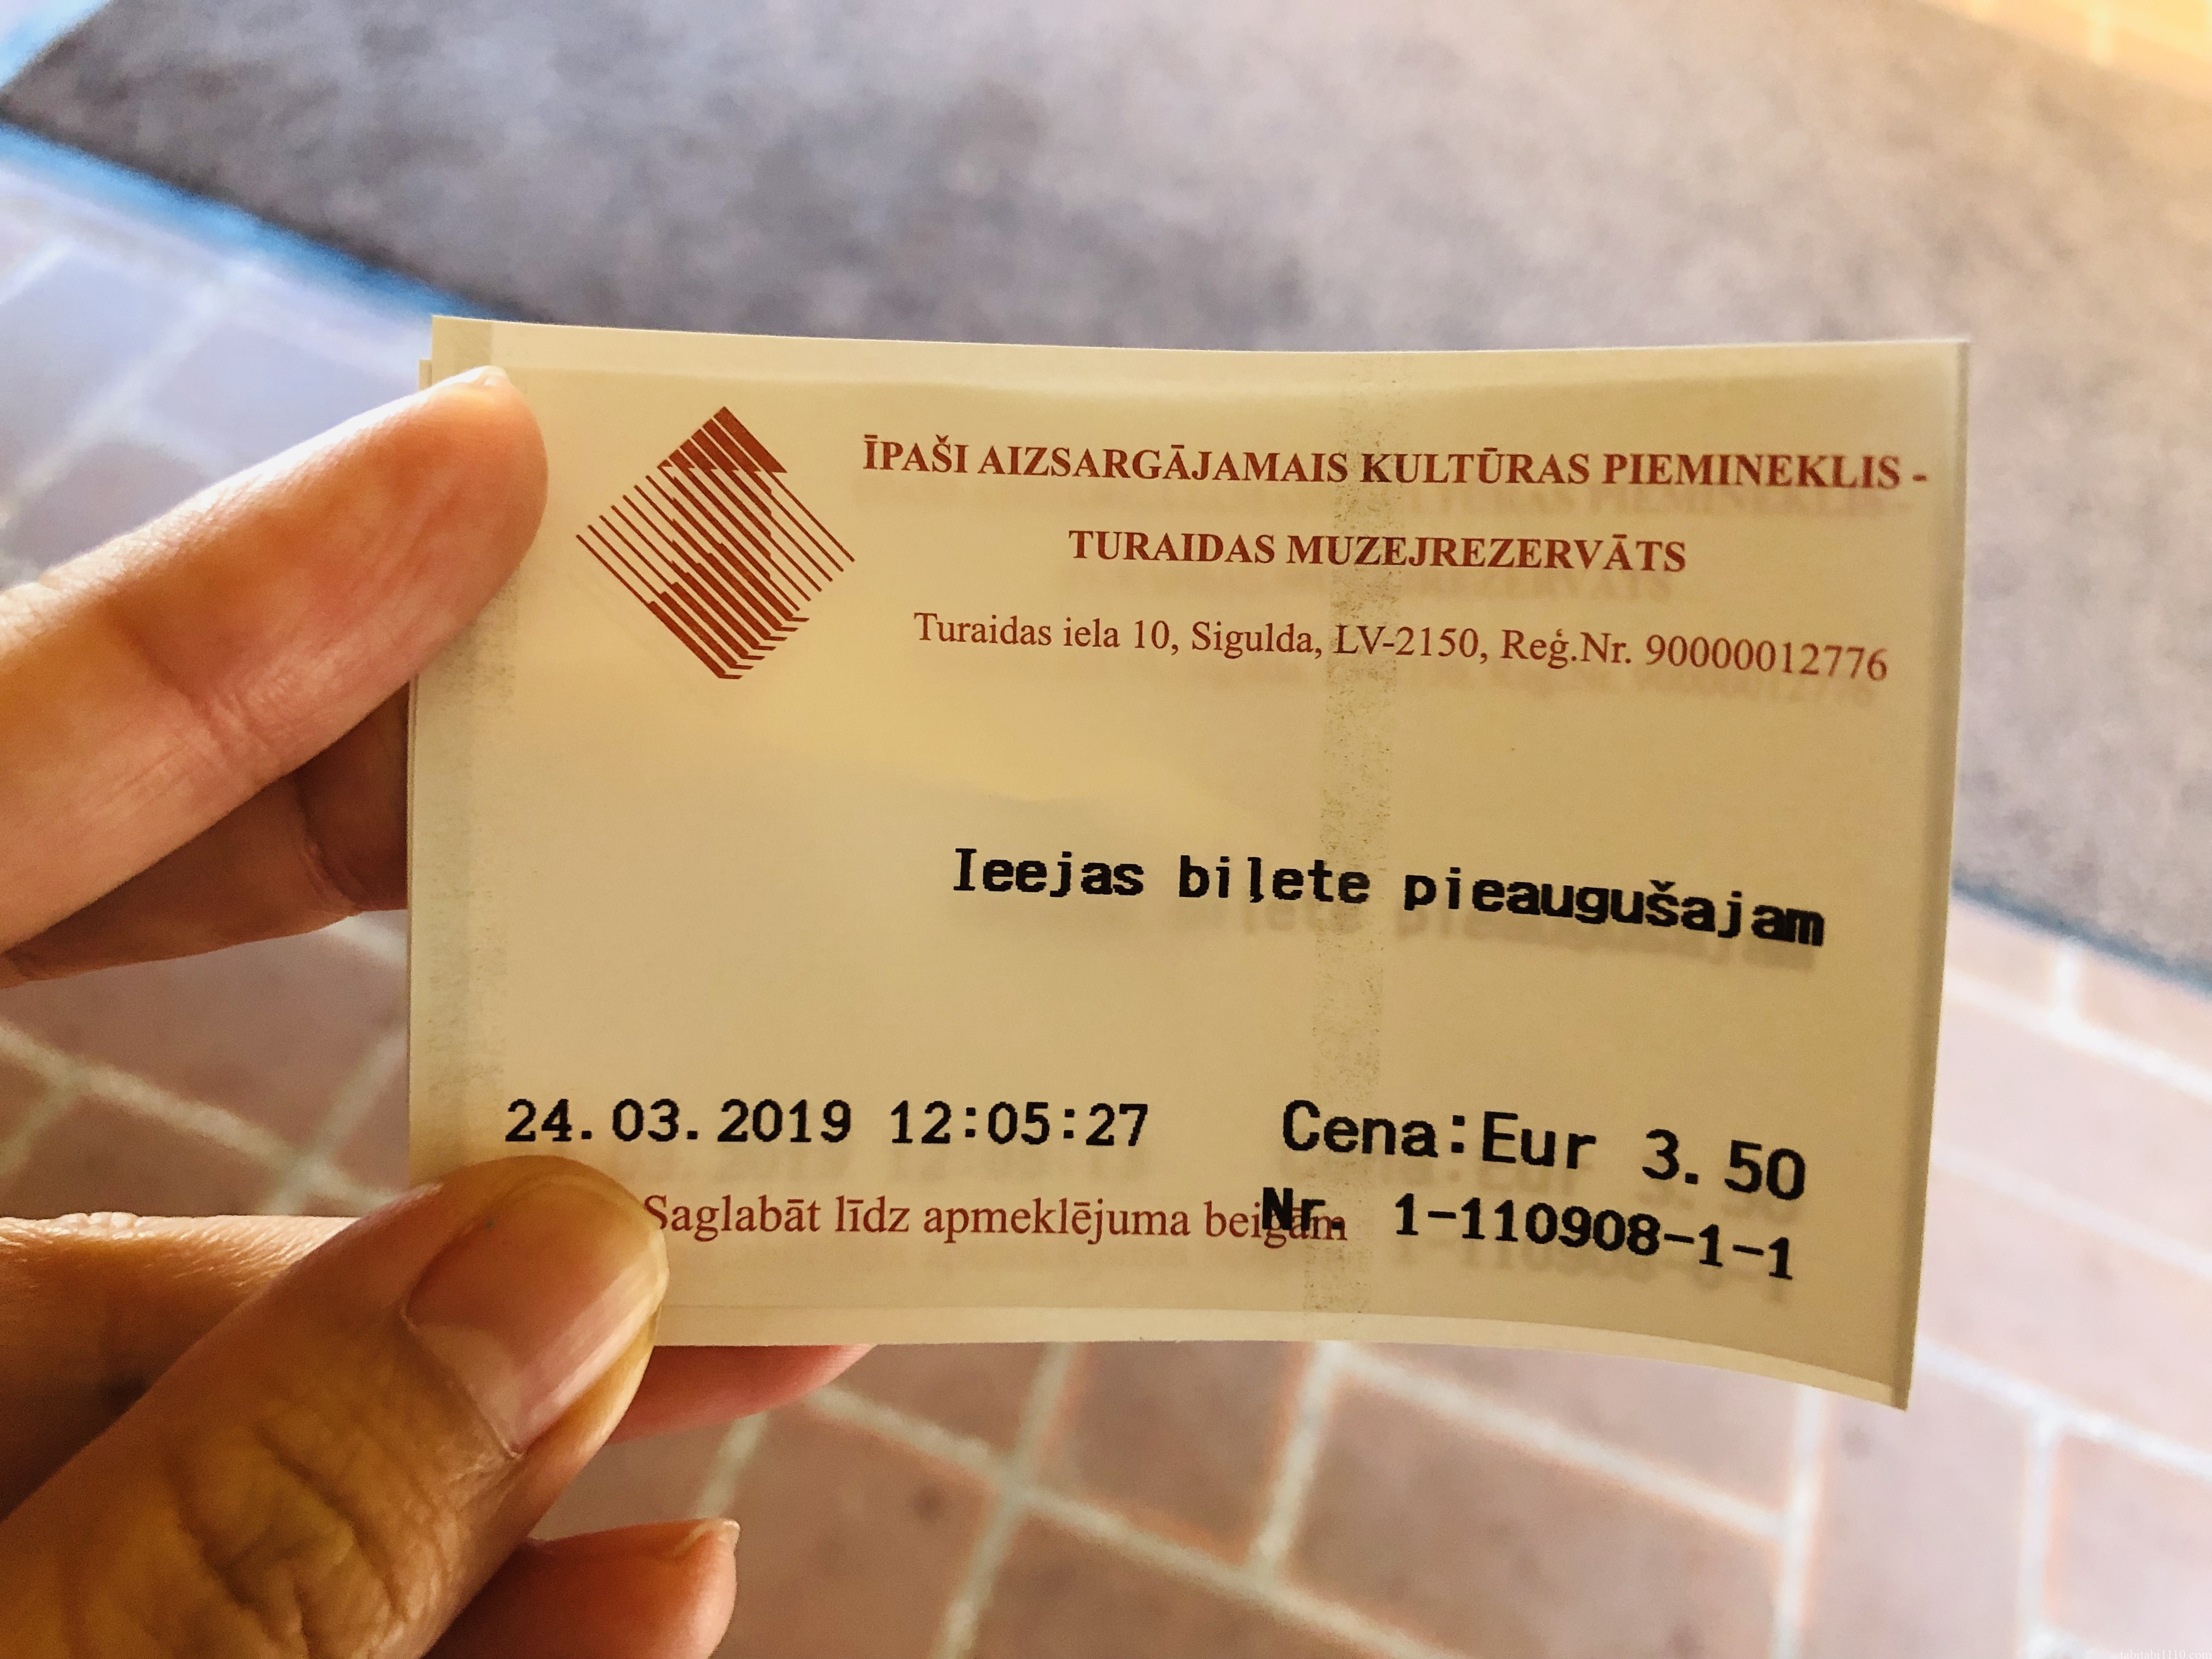 トゥライダ城チケット